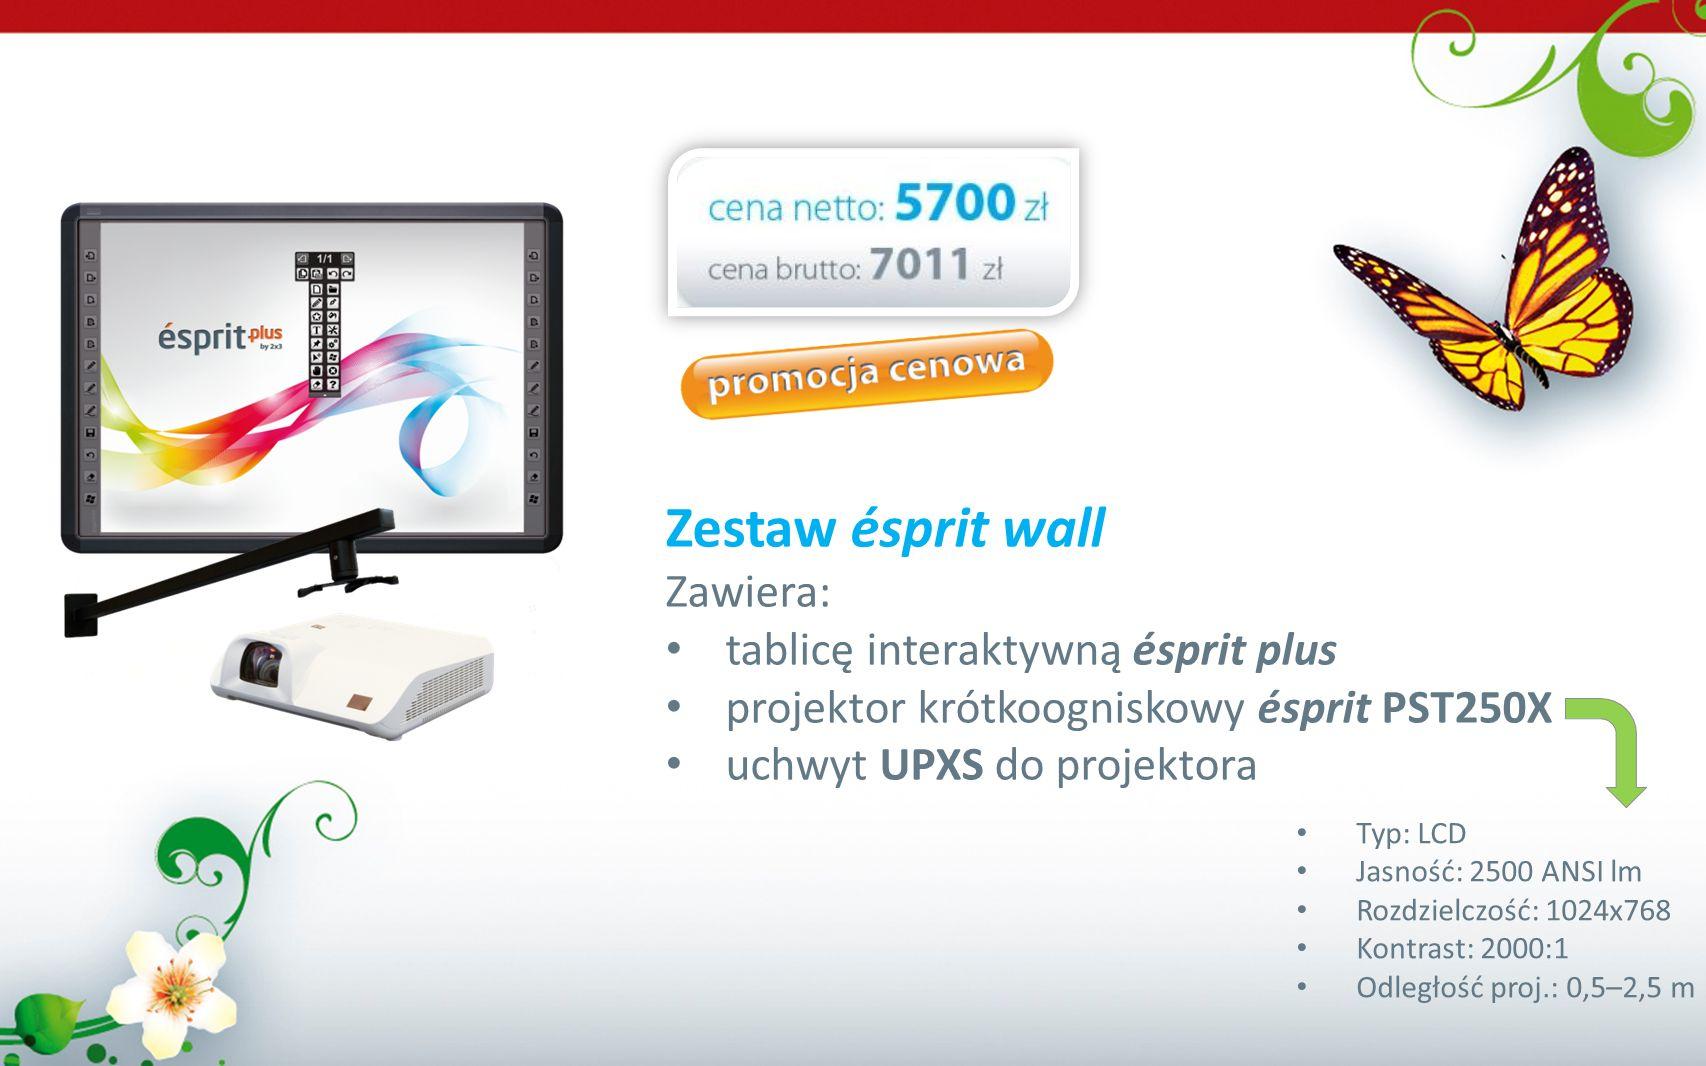 Zestaw ésprit wall Zawiera: tablicę interaktywną ésprit plus